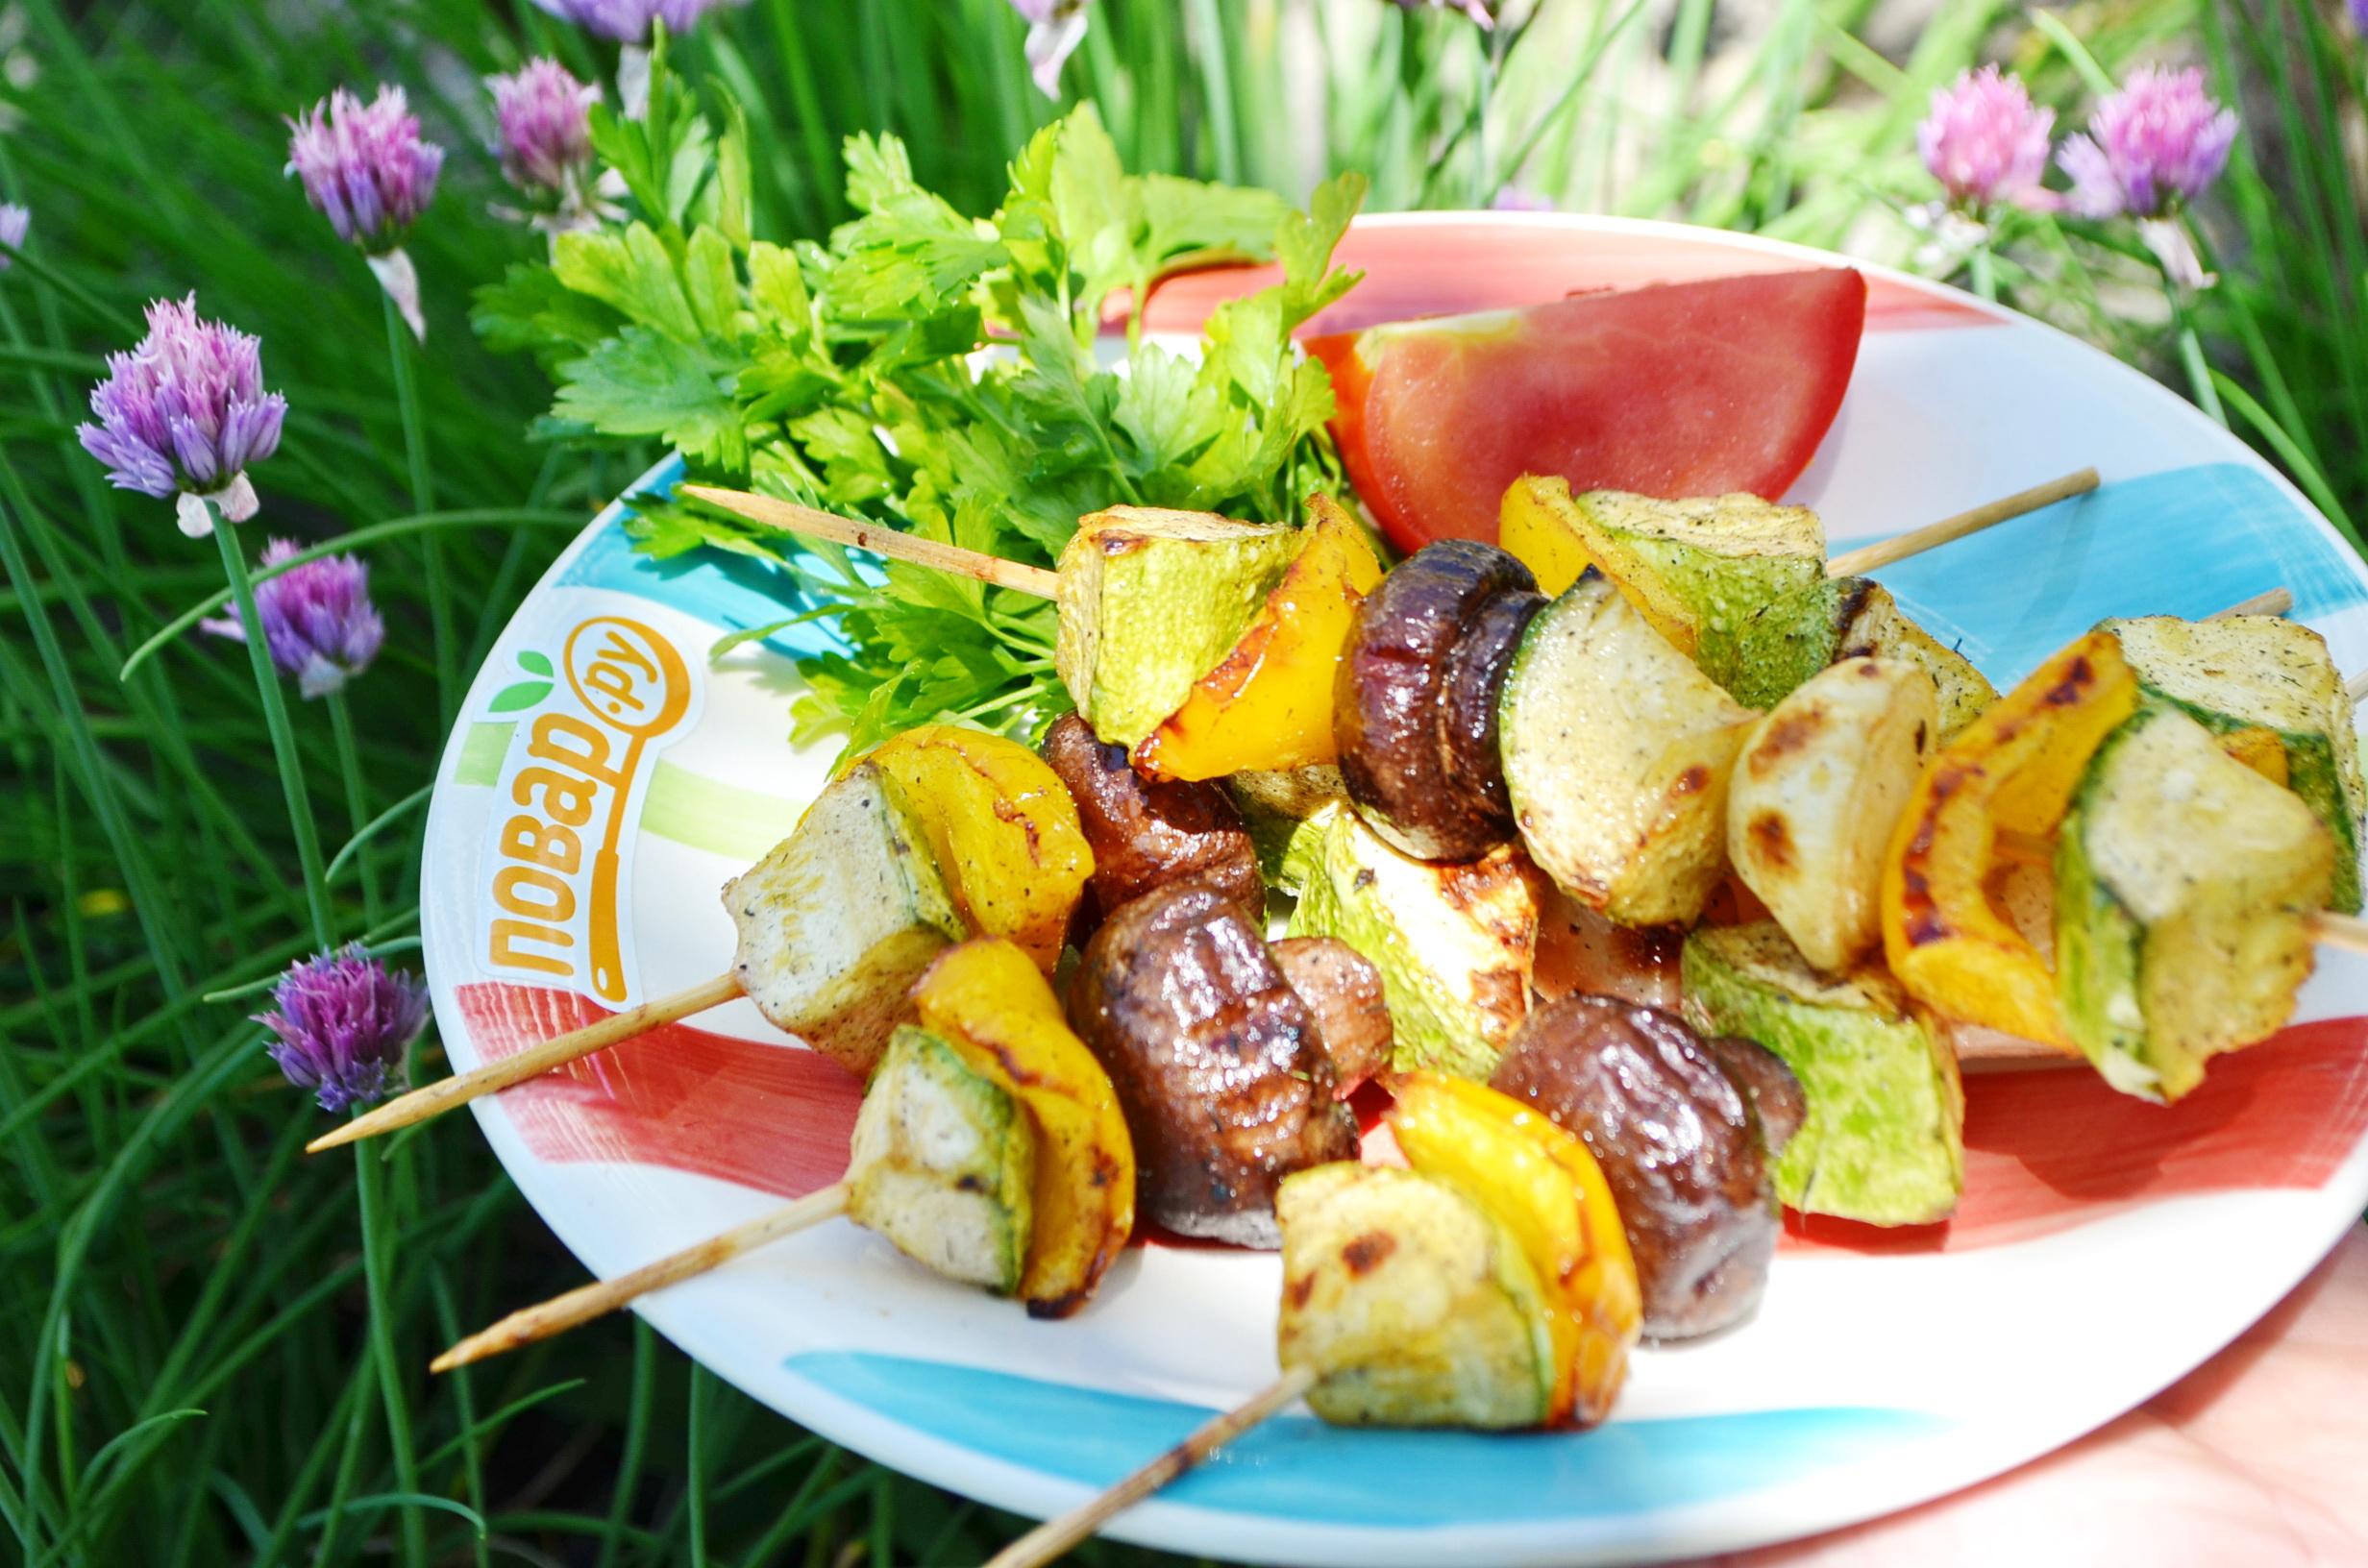 Запеченные овощи на гриле: кабачок (цукини), перец (паприка), шампиньоны (грибы)